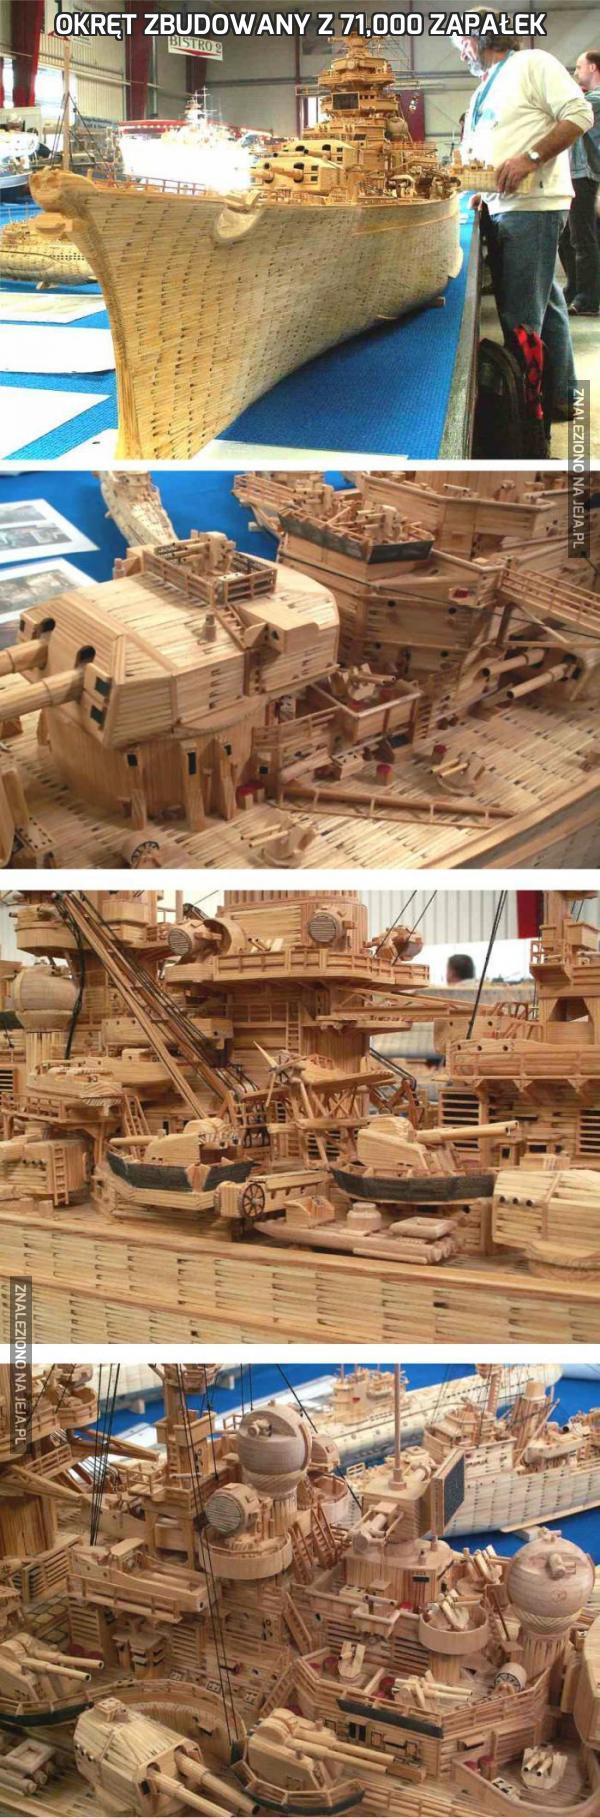 Okręt zbudowany z 71,000 zapałek